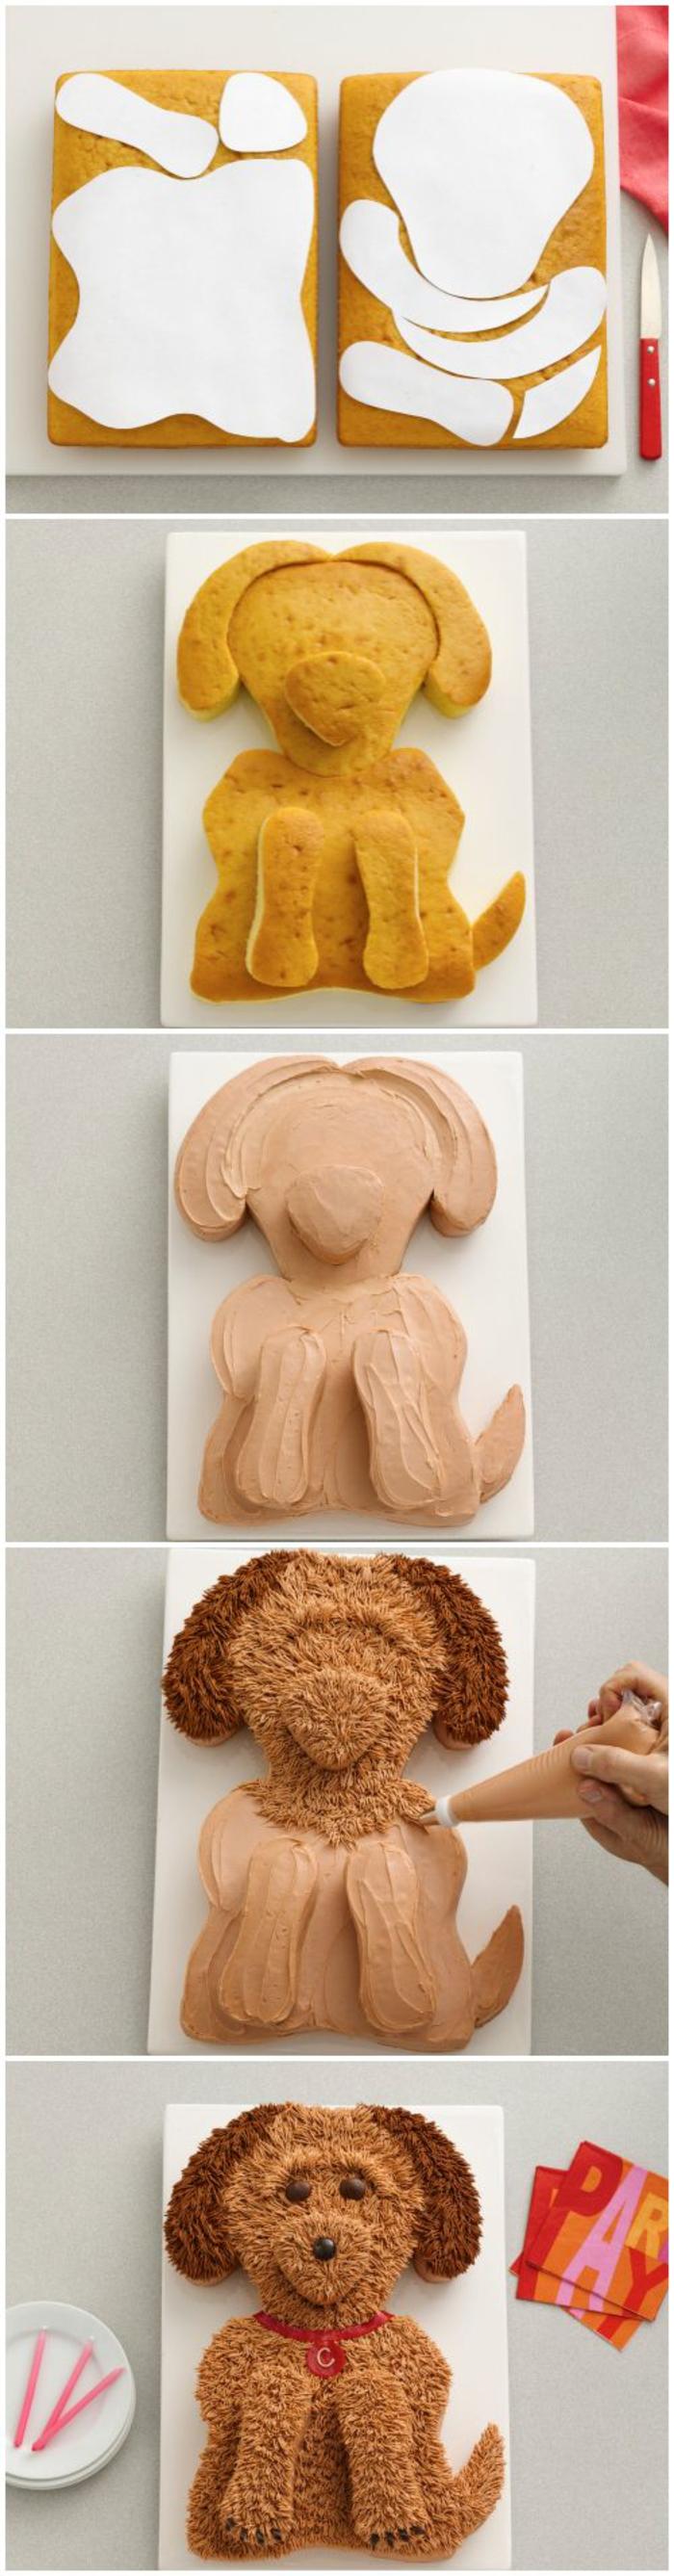 tuto pour réaliser un gateau au chocolat anniversaire en forme de chien